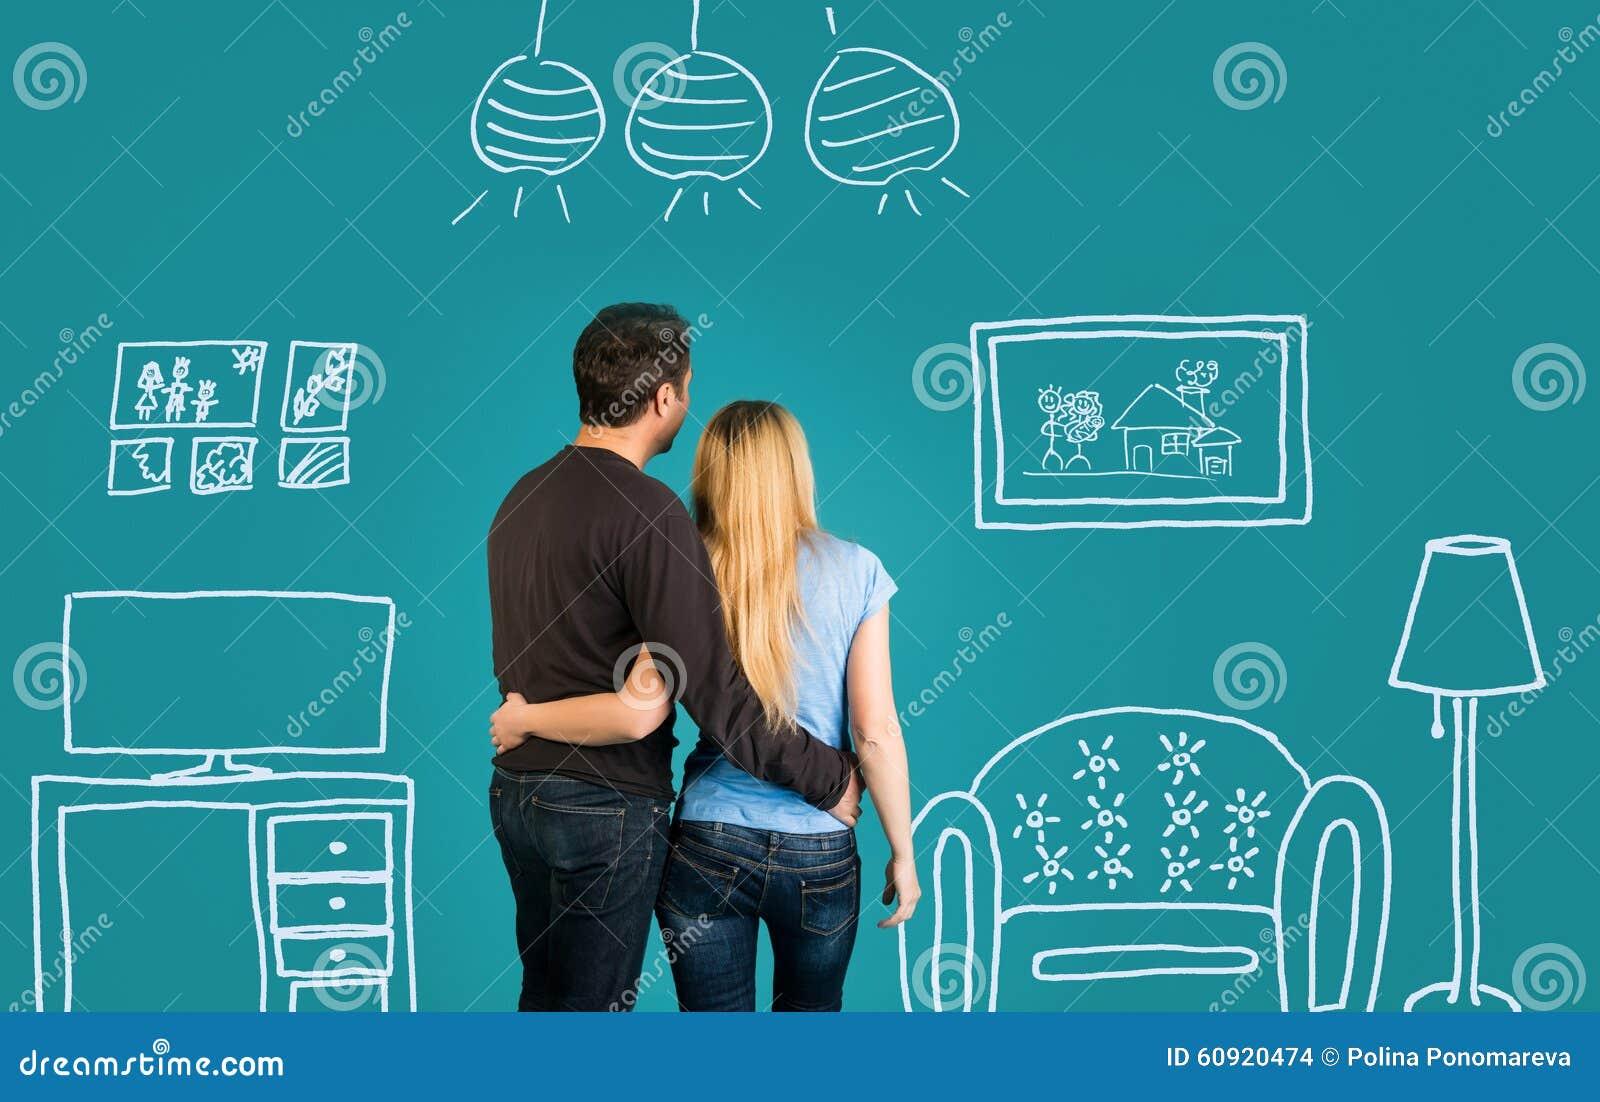 Szczęśliwa para Marzy Ich Nowy dom Lub Mebluje Na Błękitnym tle Rodzina Z nakreślenie rysunkiem Ich Przyszłościowy Płaski wnętrze